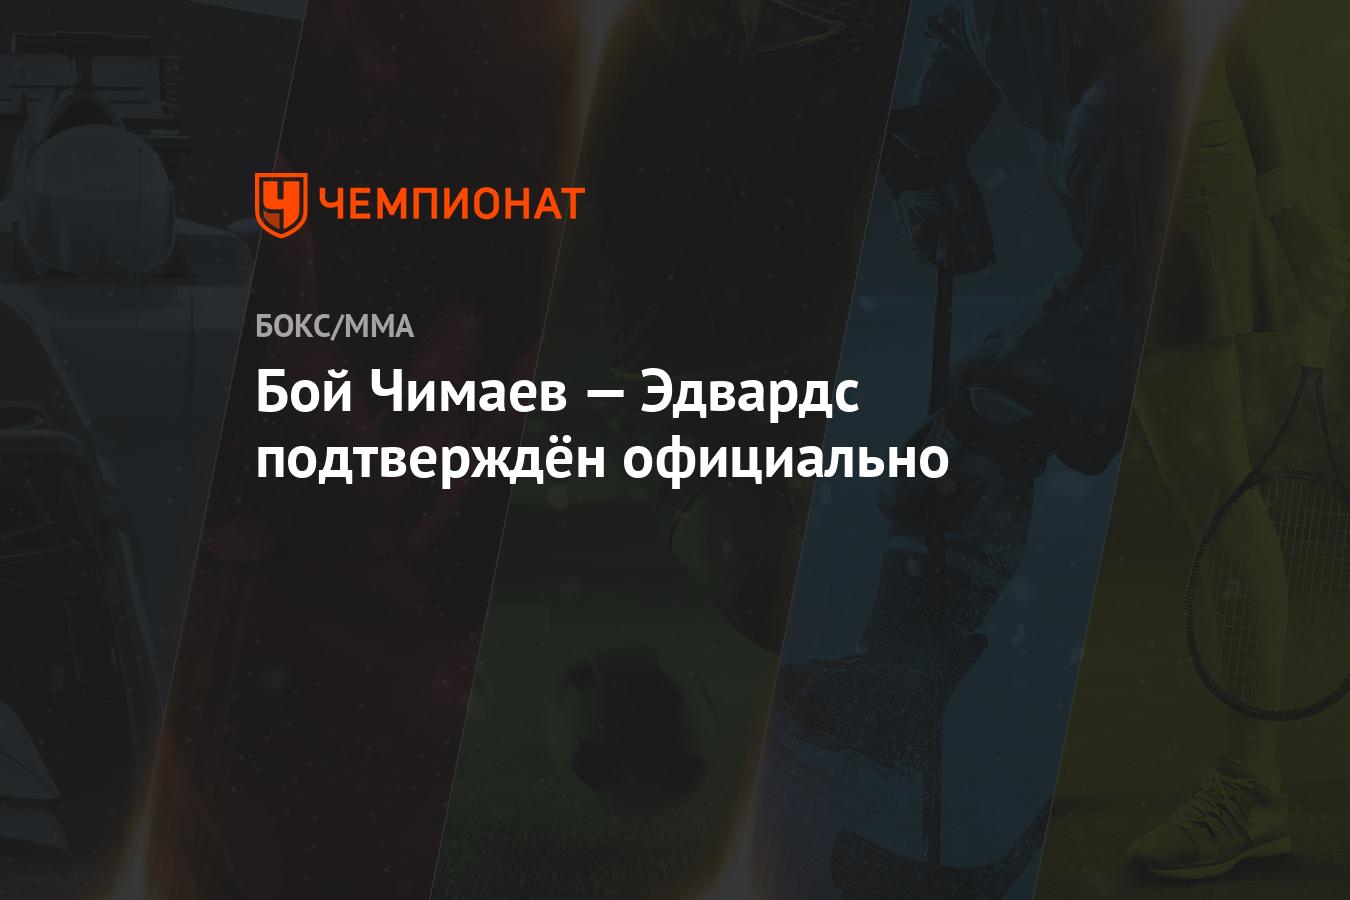 Бой Чимаев — Эдвардс подтверждён официально